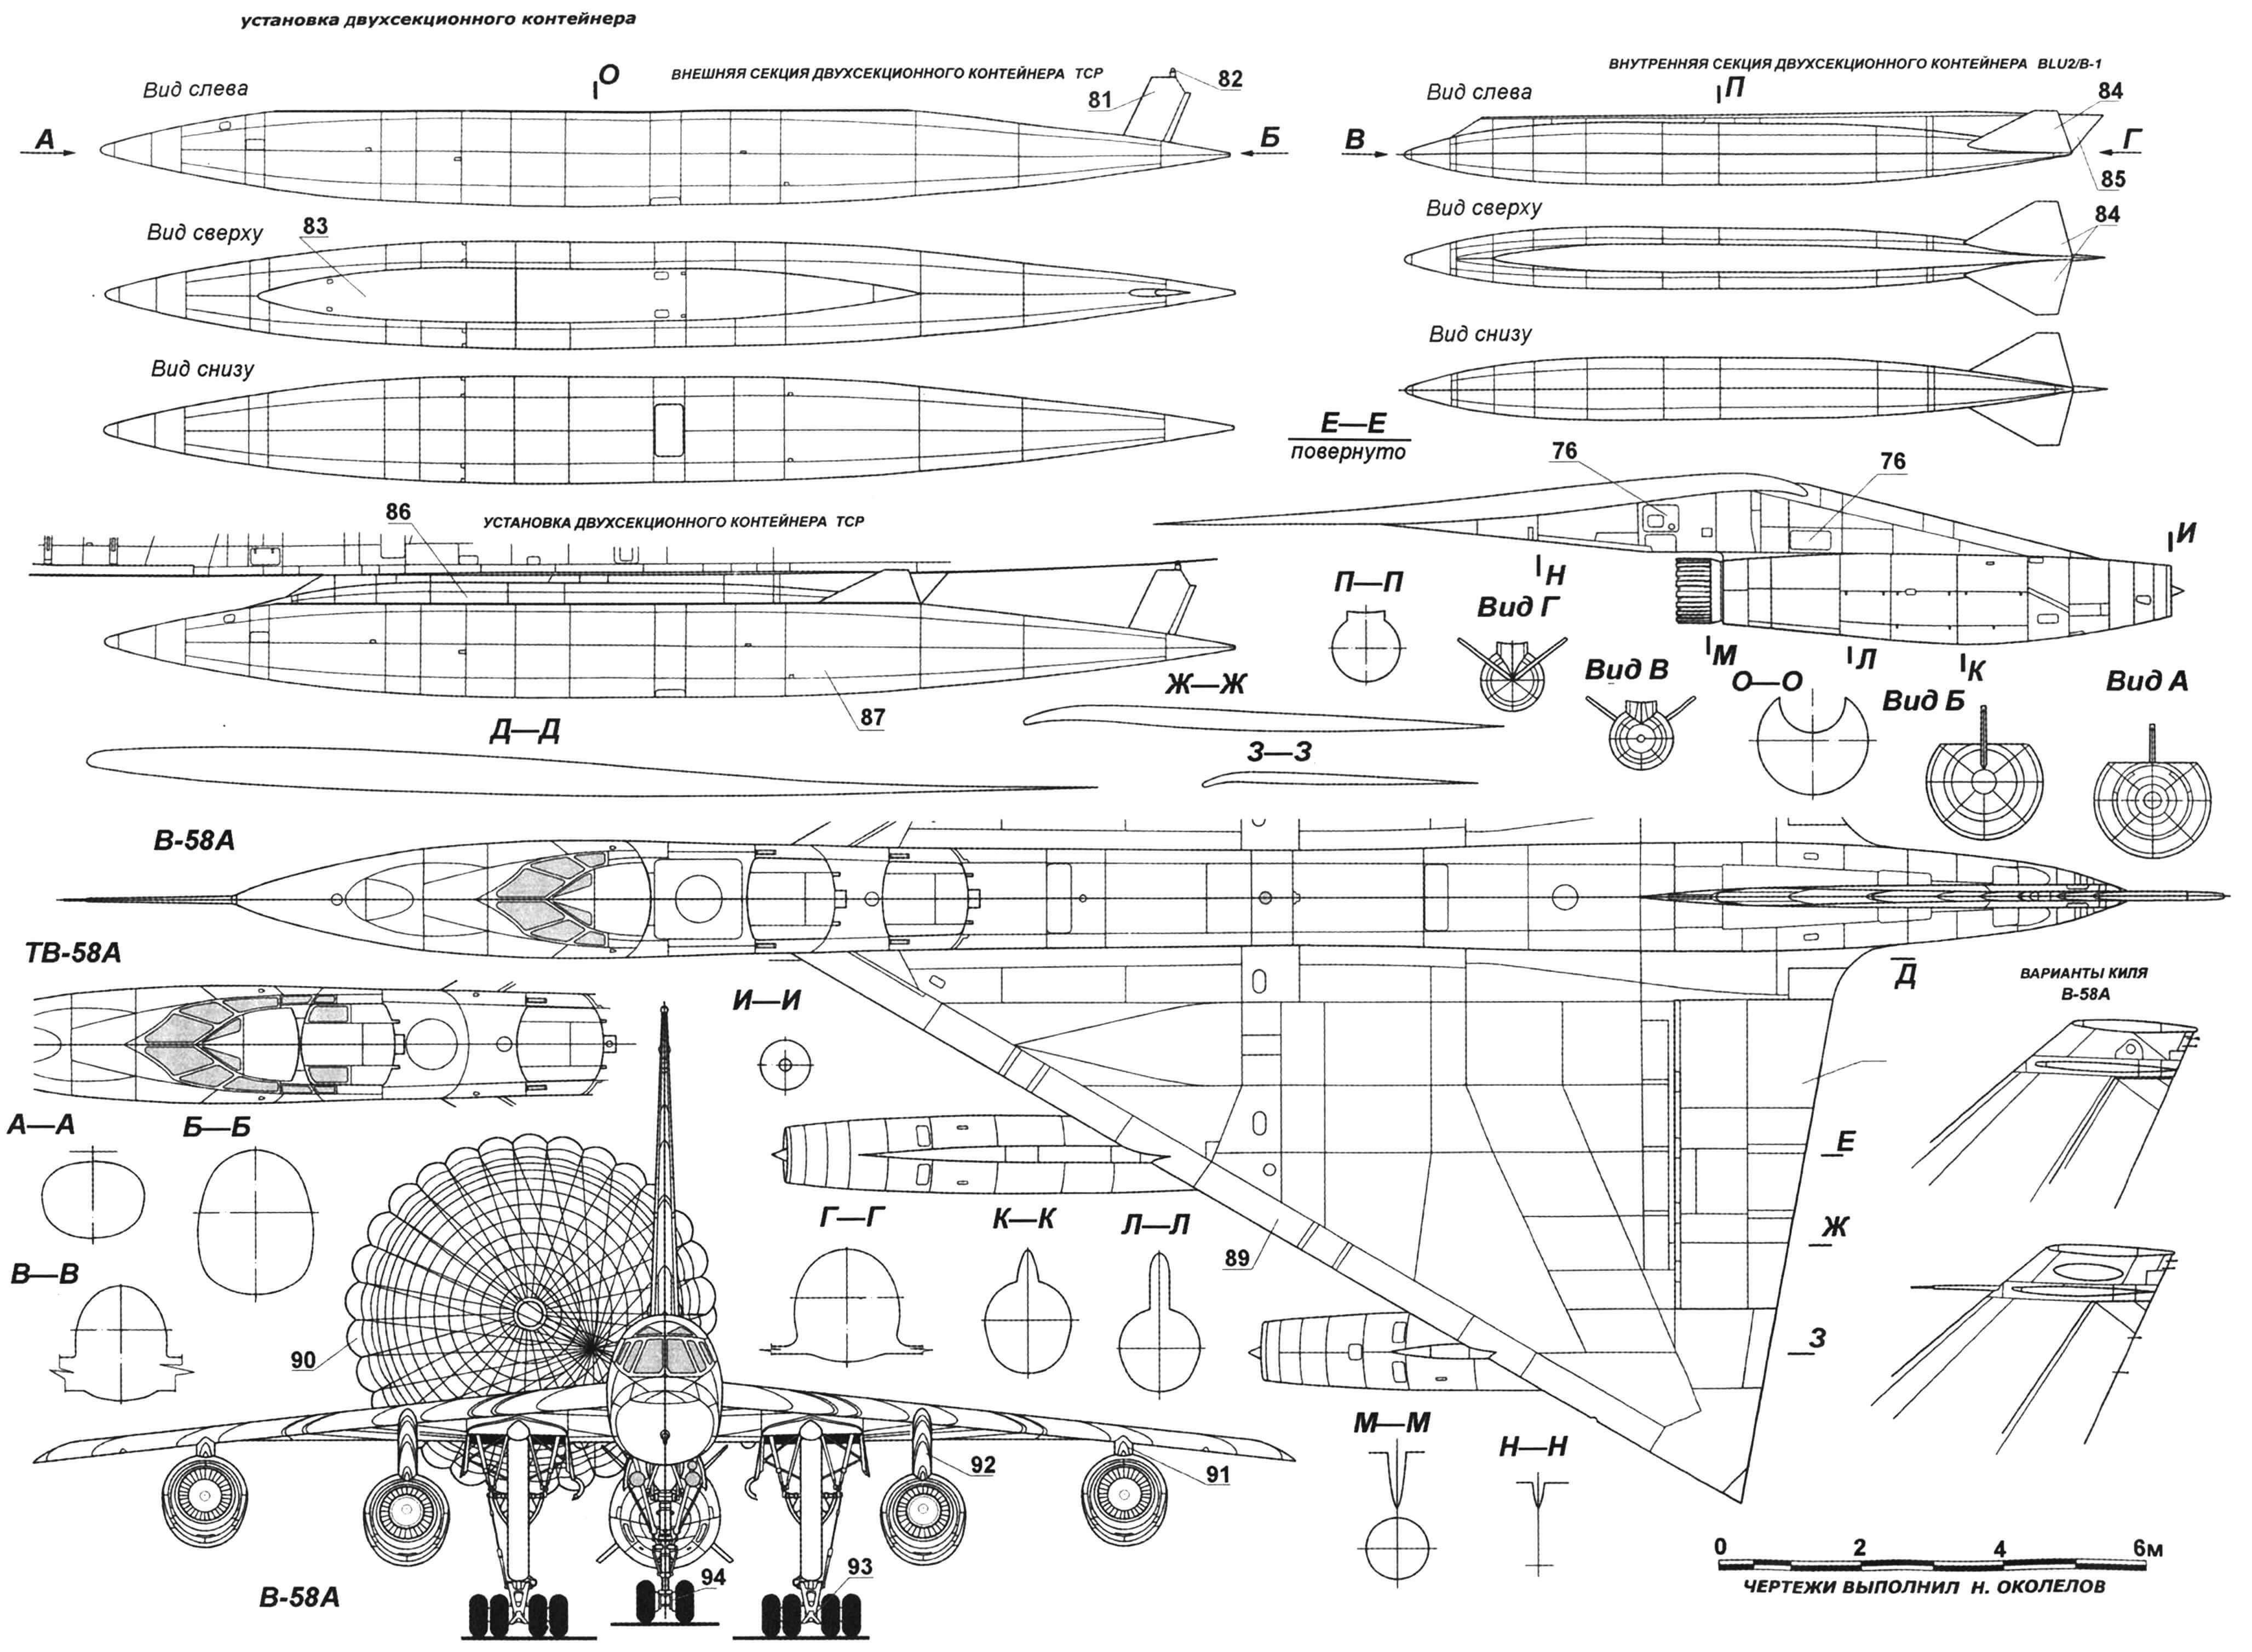 Сверхзвуковой стратегический бомбардировщик Convair В-58 Hustler